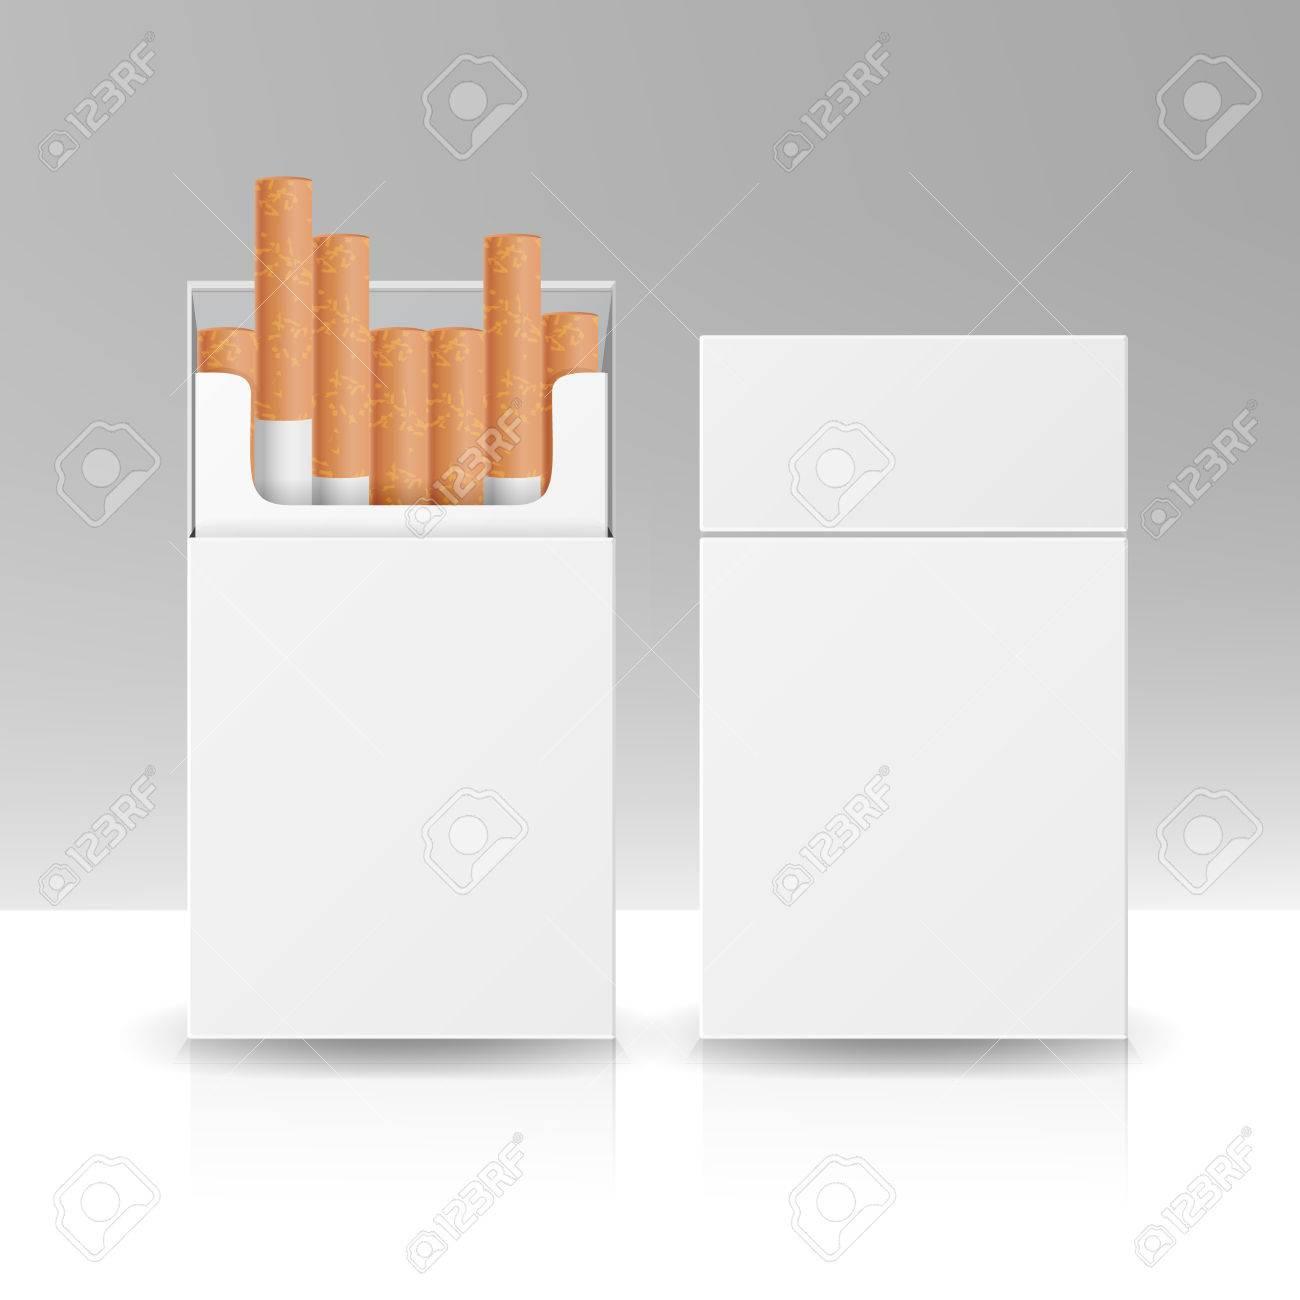 Boite A Paquet De Cigarette boîte en paquet vierge boîte de cigarettes modèle de vecteur 3d pour